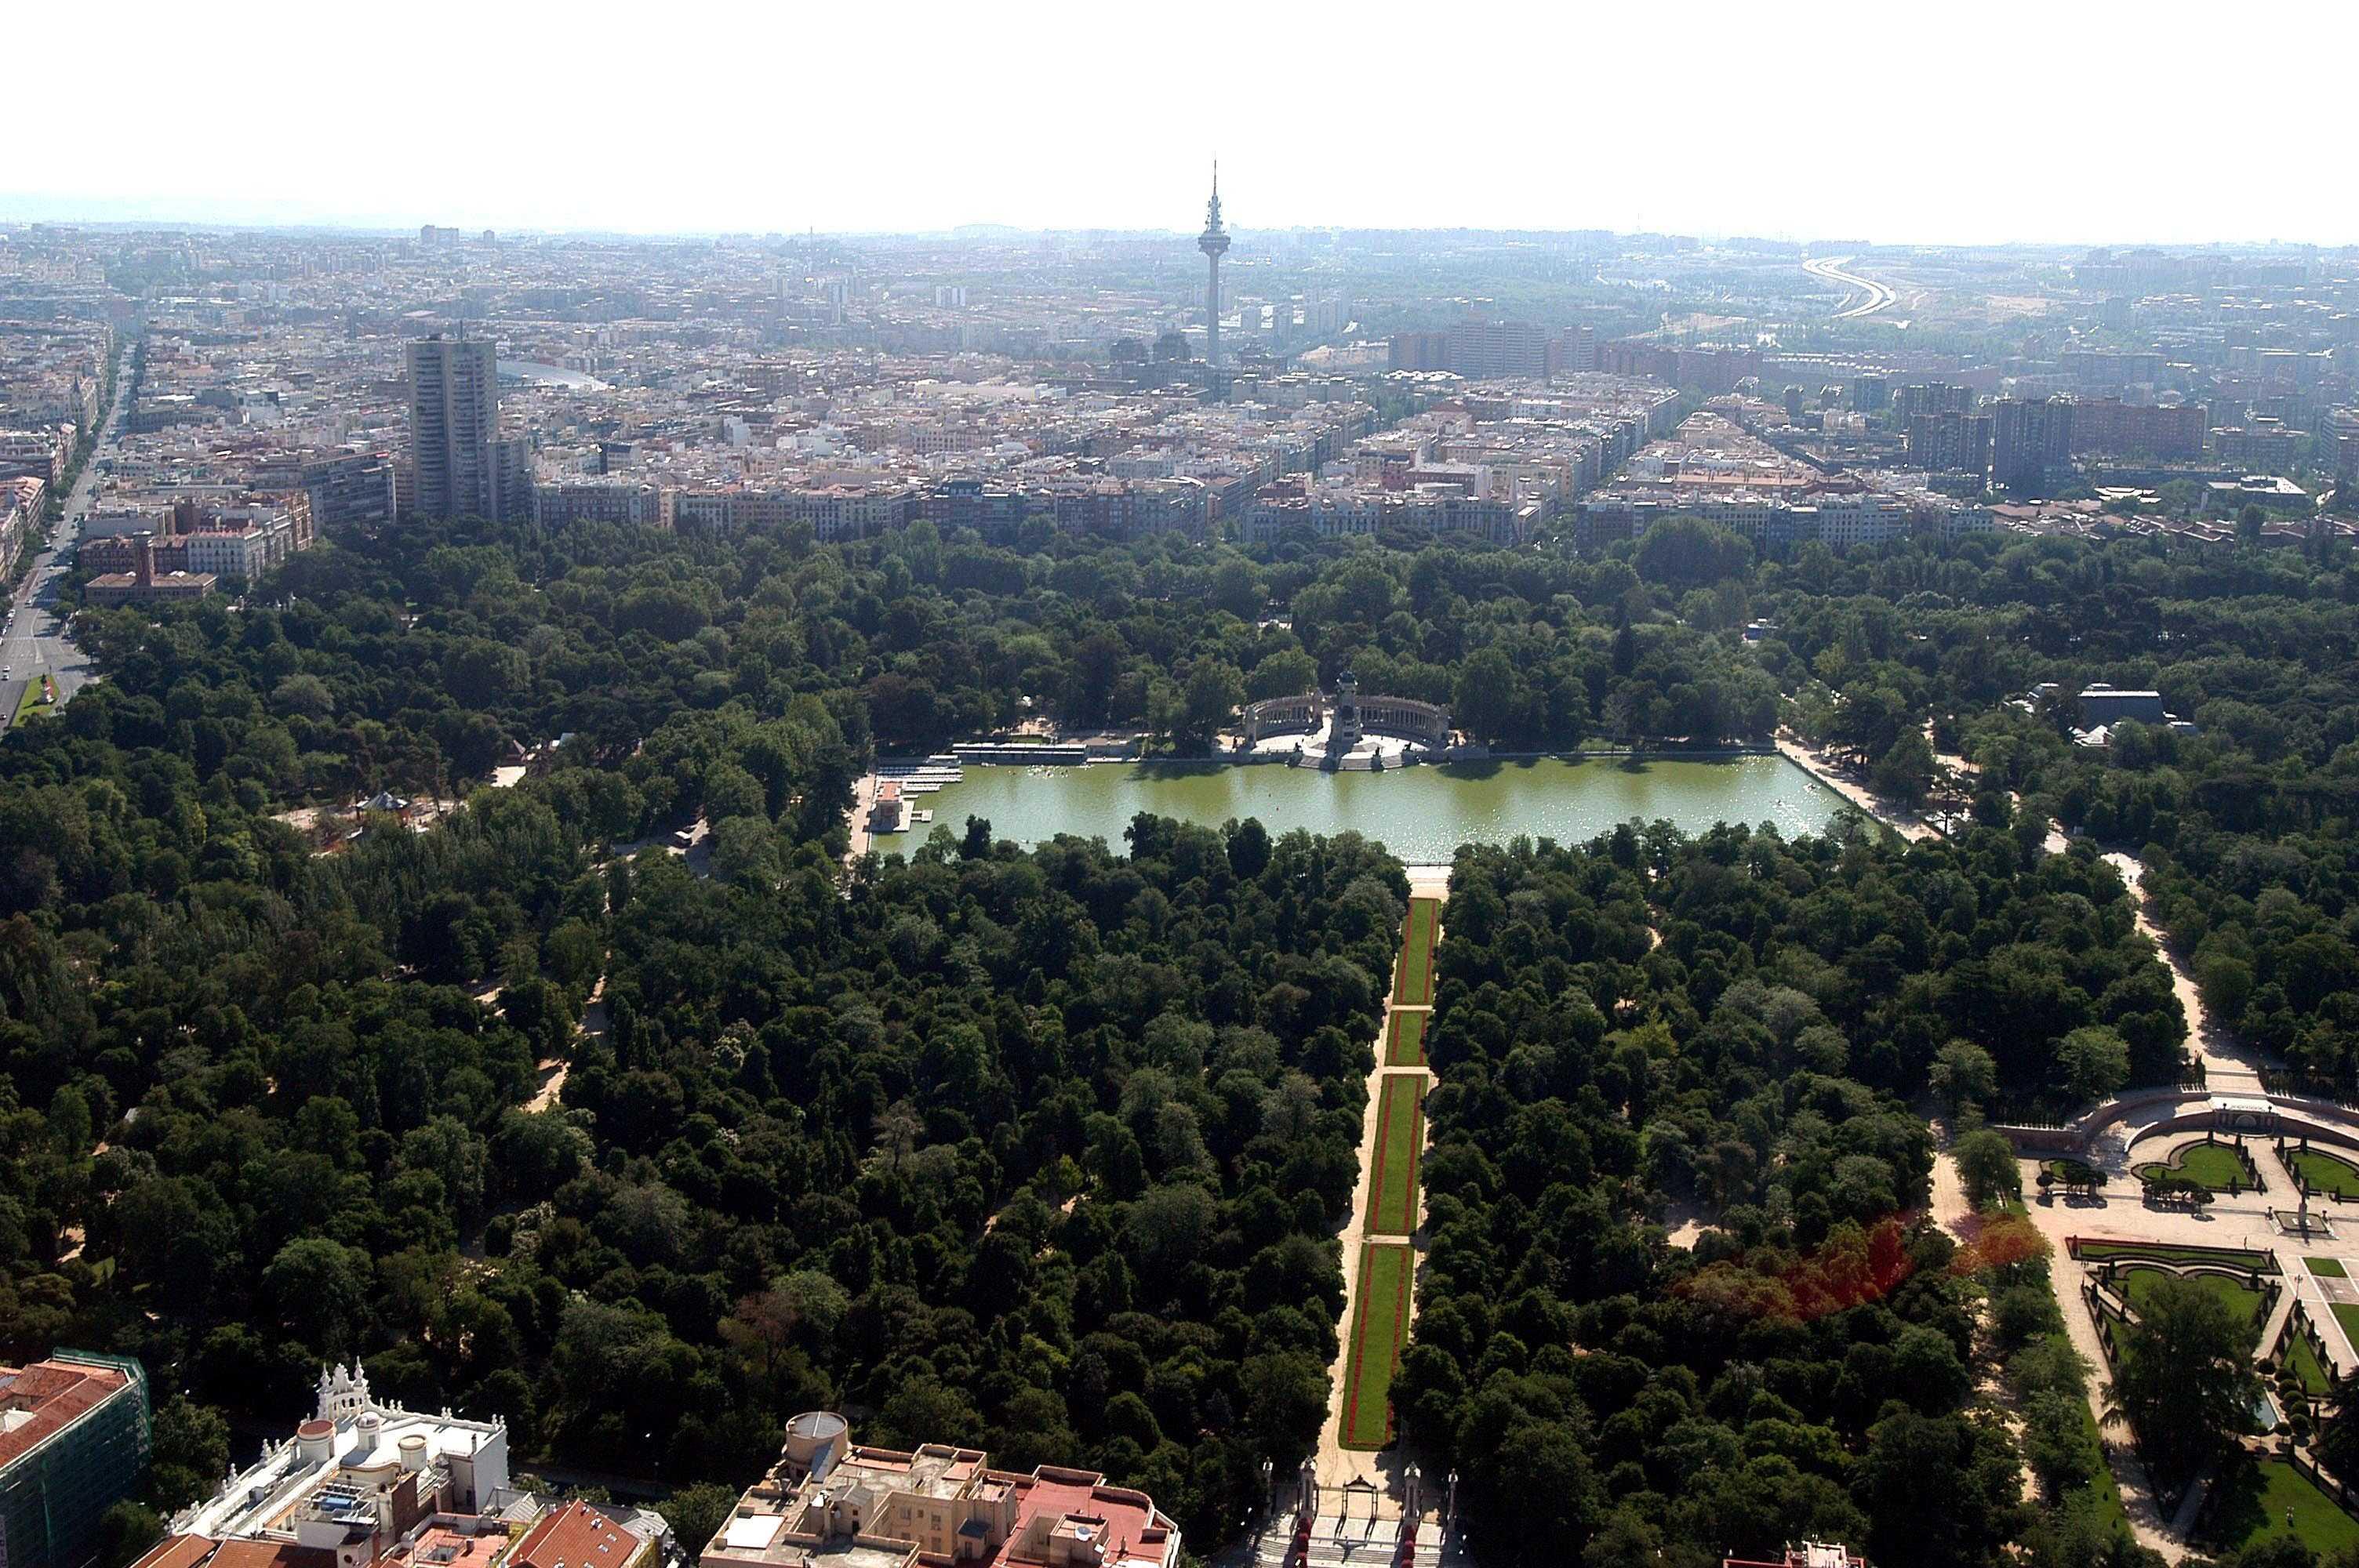 El retiro y el prado en la lista para ser patrimonio for Parques de madrid espana